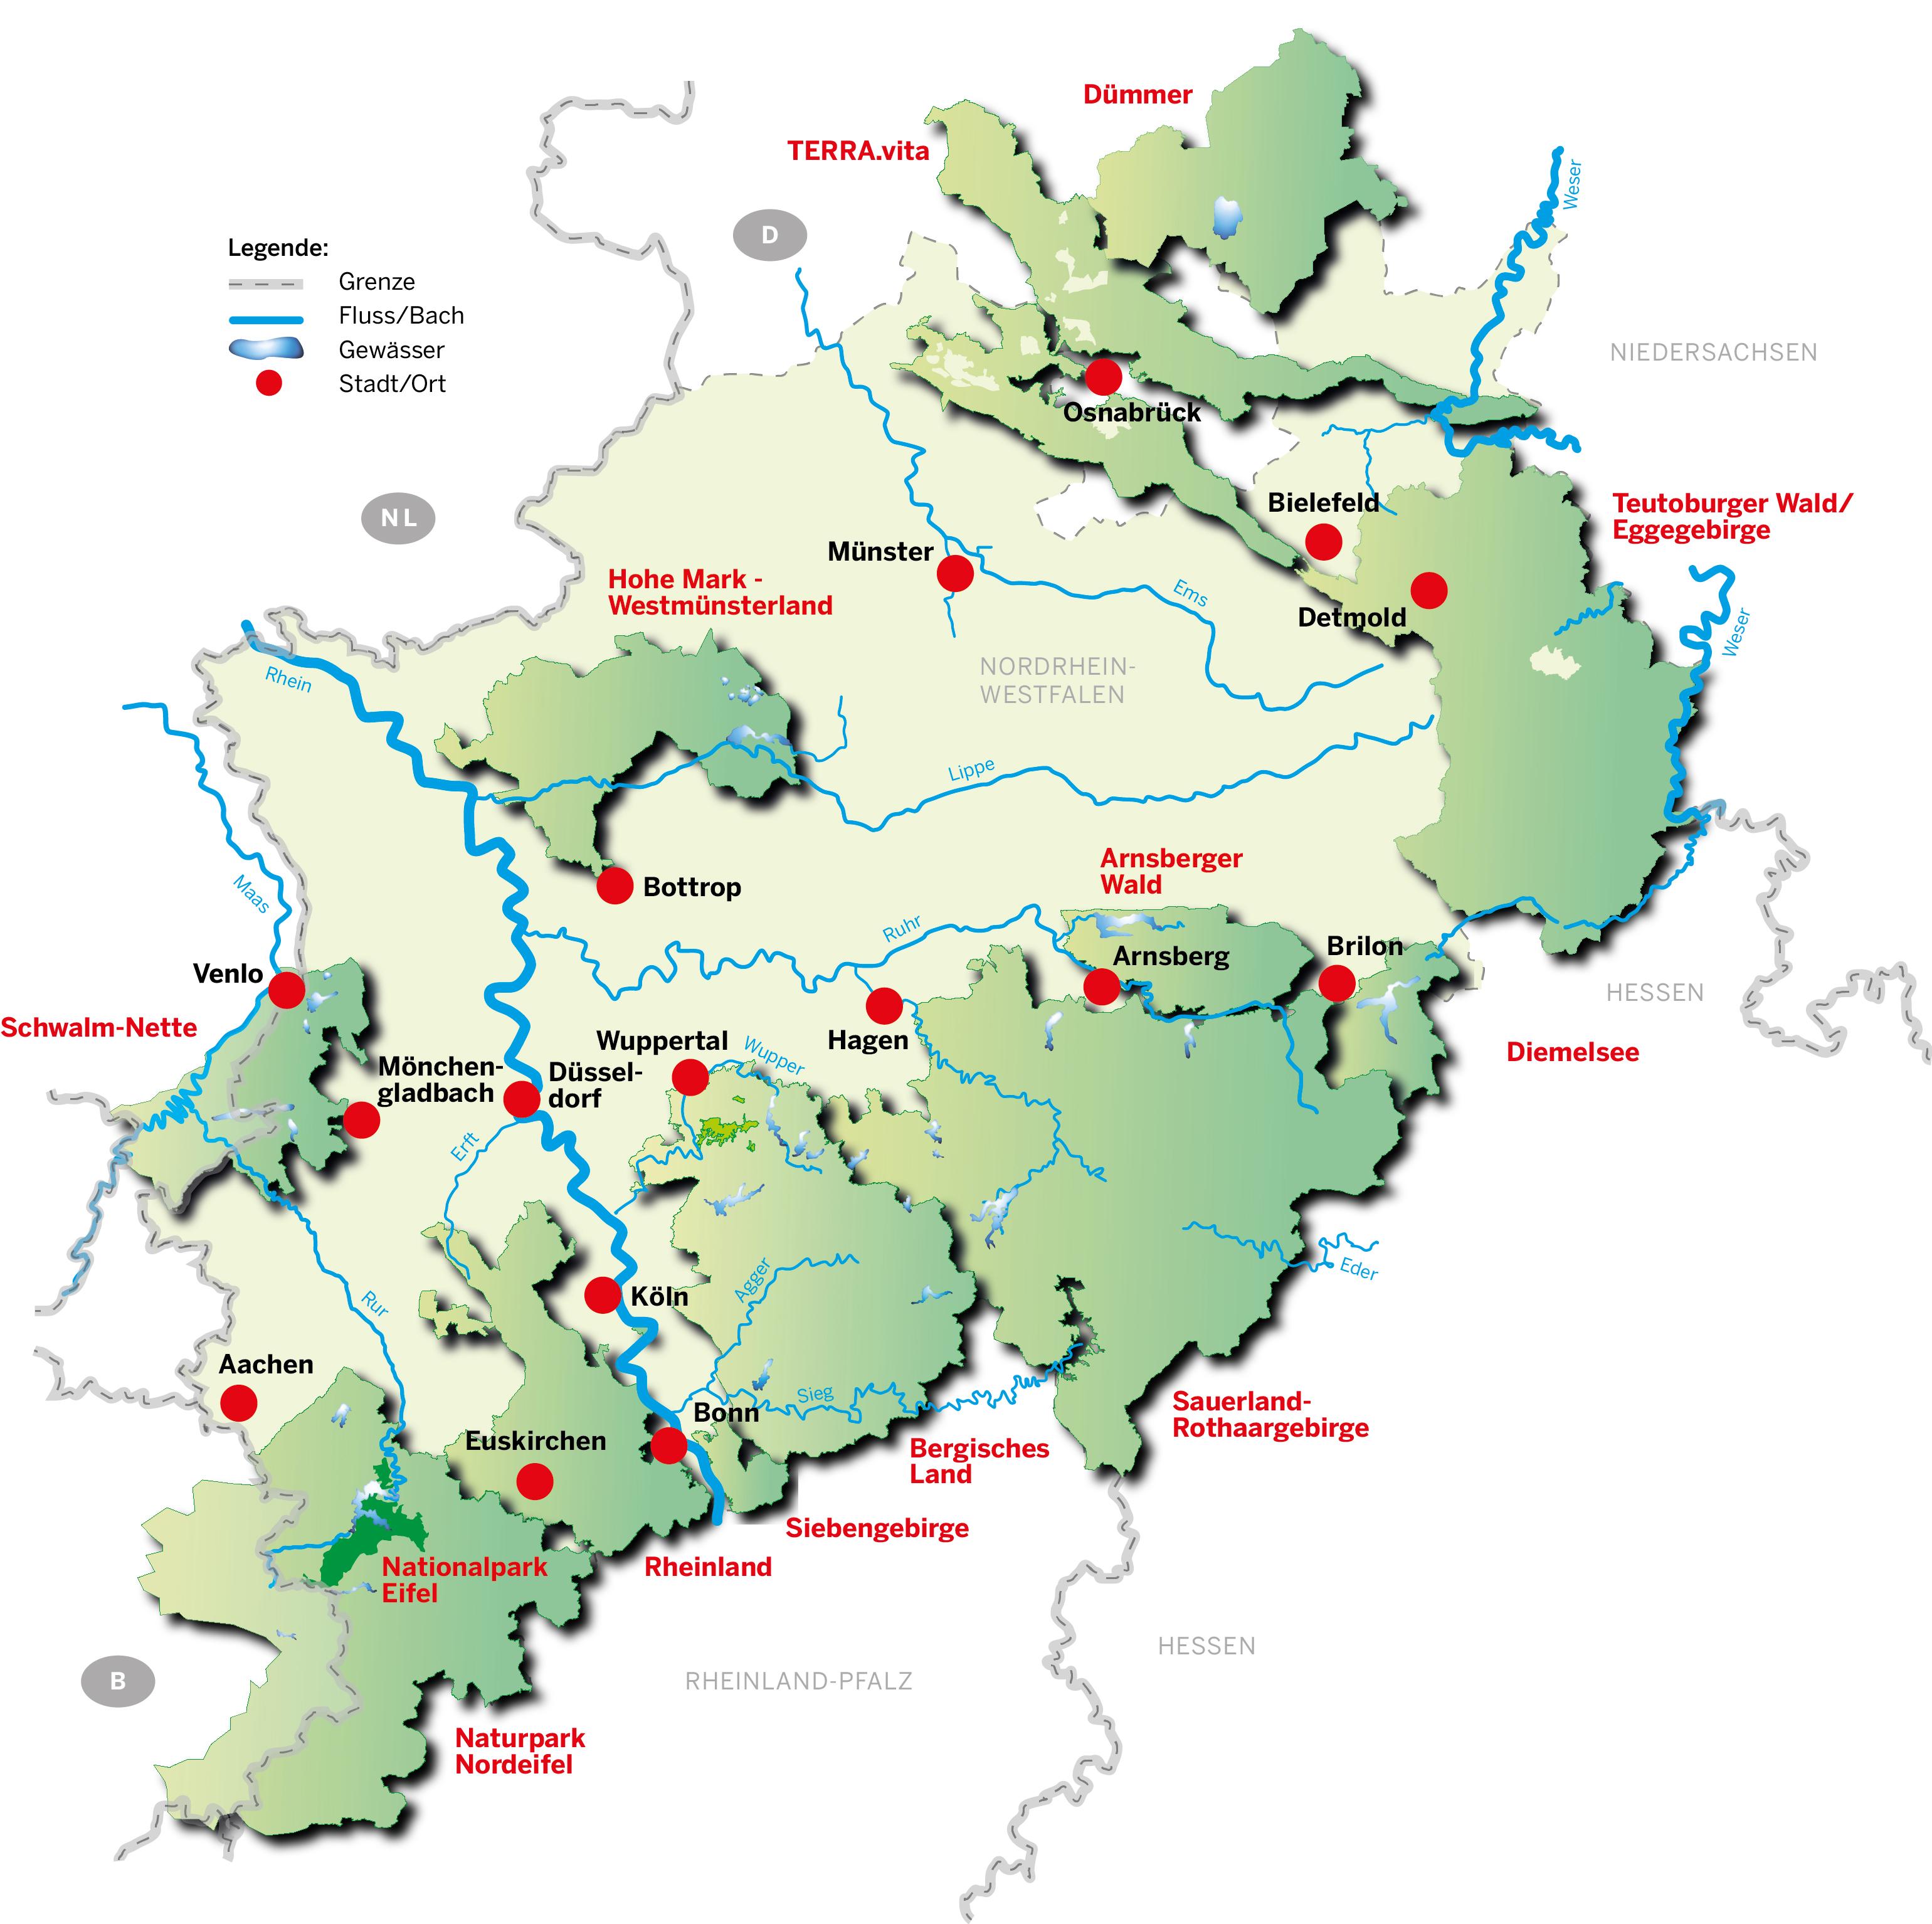 Nationalpark Eifel Karte.Umweltministerium Nrw Die Naturparke In Nrw Und Der Nationalpark Eifel